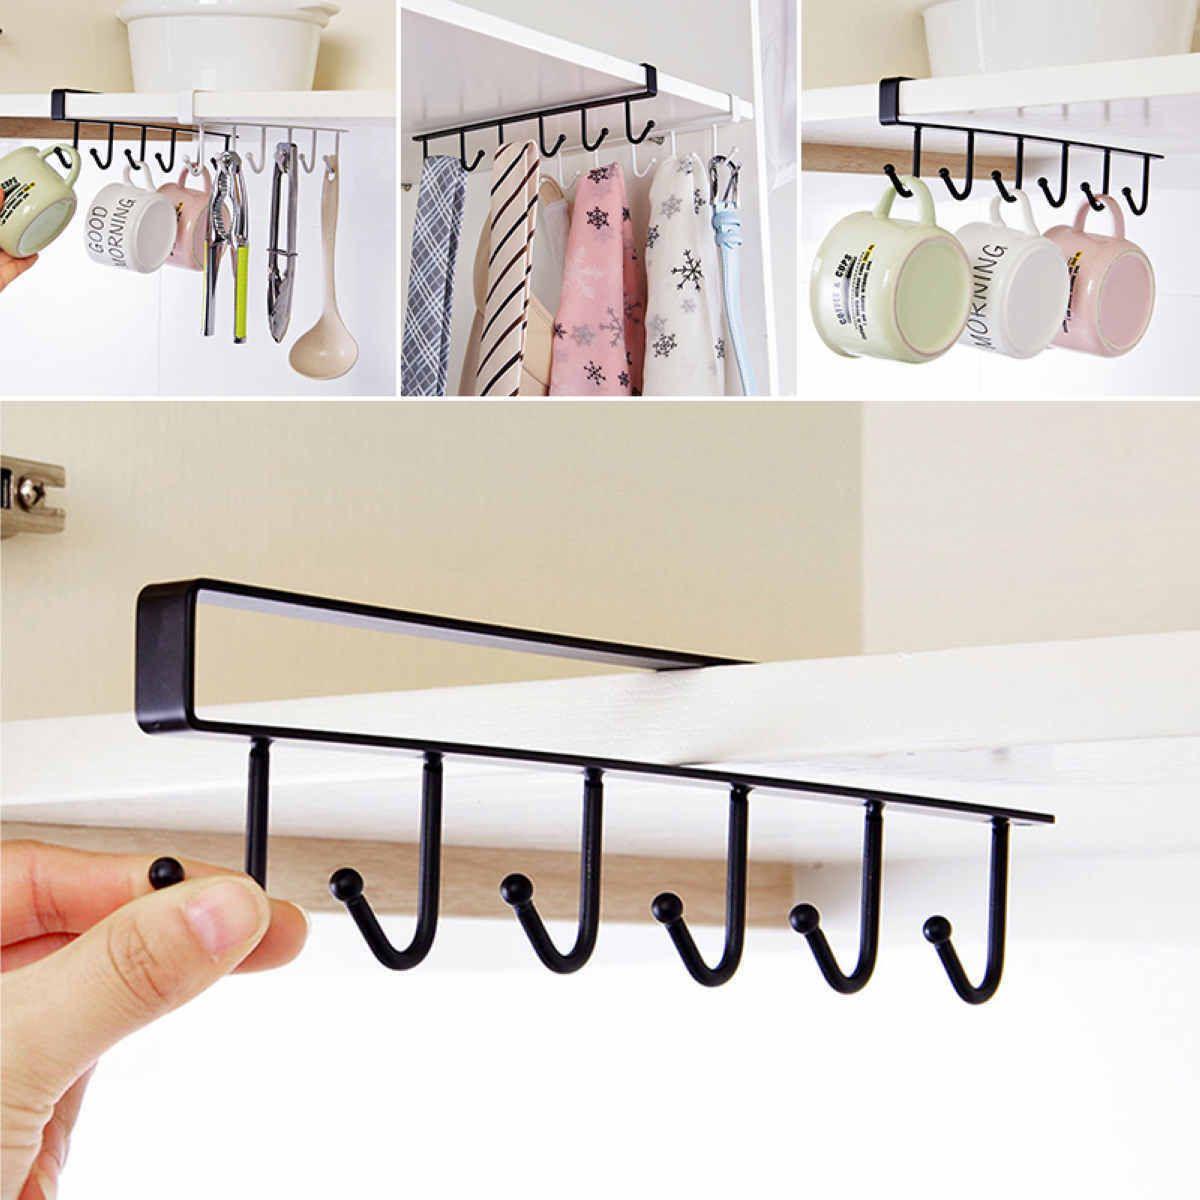 Kitchen Storage Rack Cupboard Hang Cabinet Under Shelf Organizer Hook Cup Holder